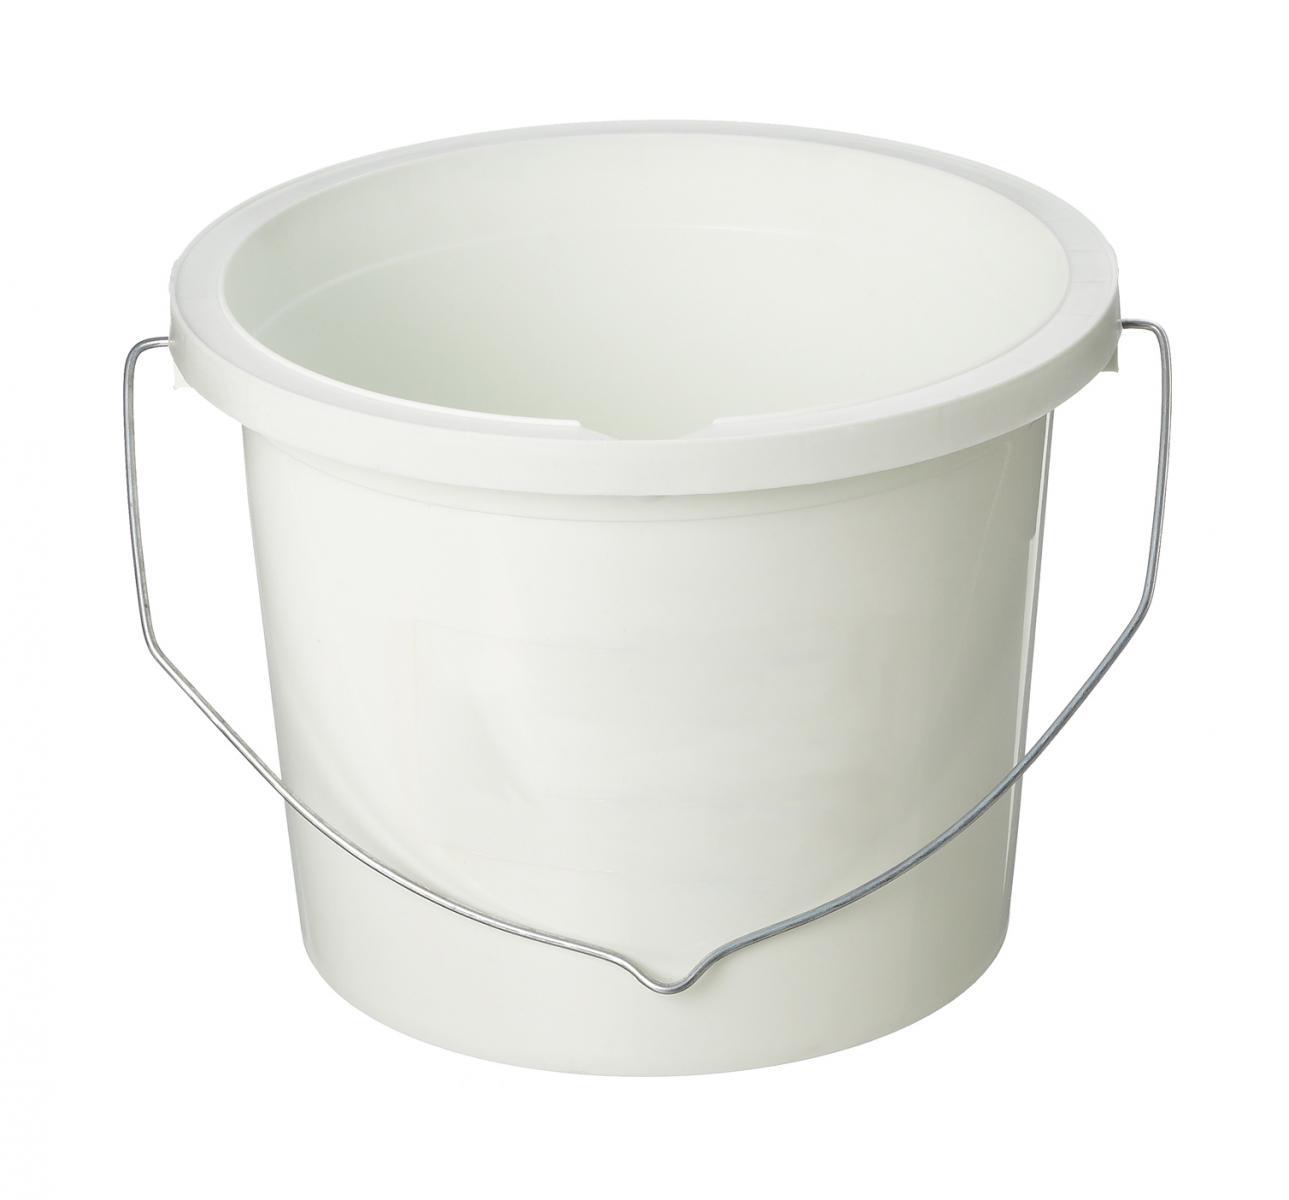 Plastic Paint Kettle 2.5L – Now Only £1.00